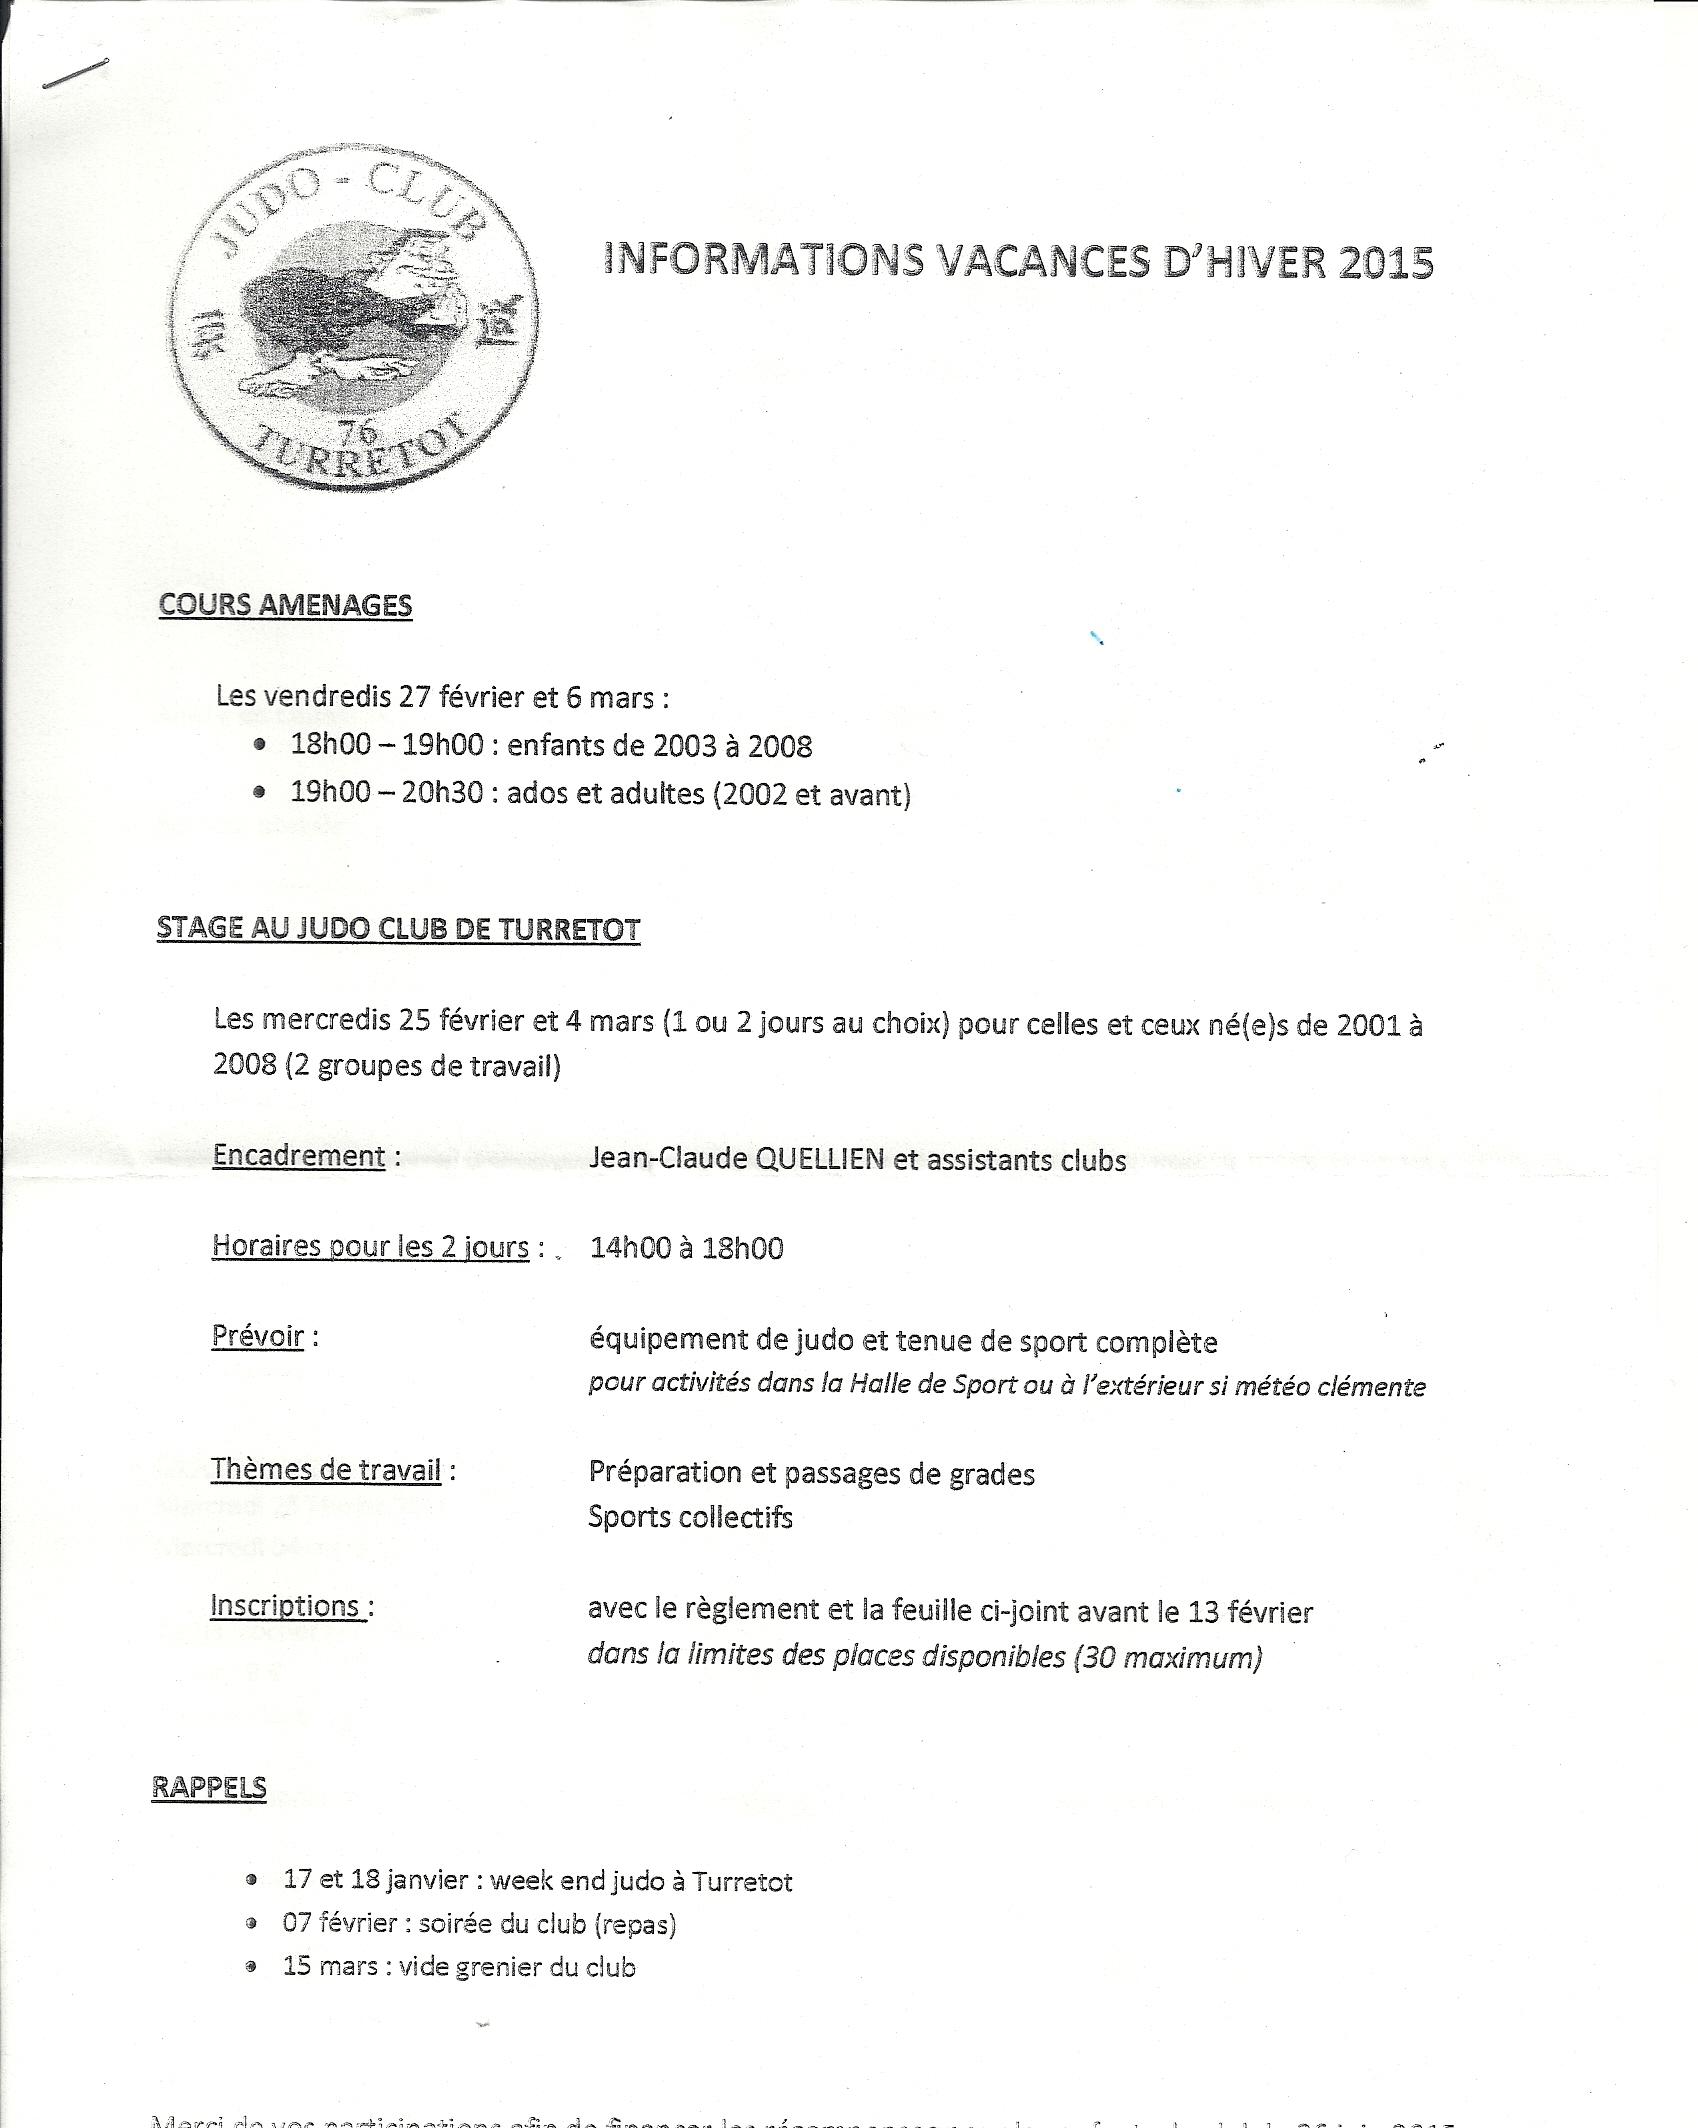 information vacances d'hiver février 2015